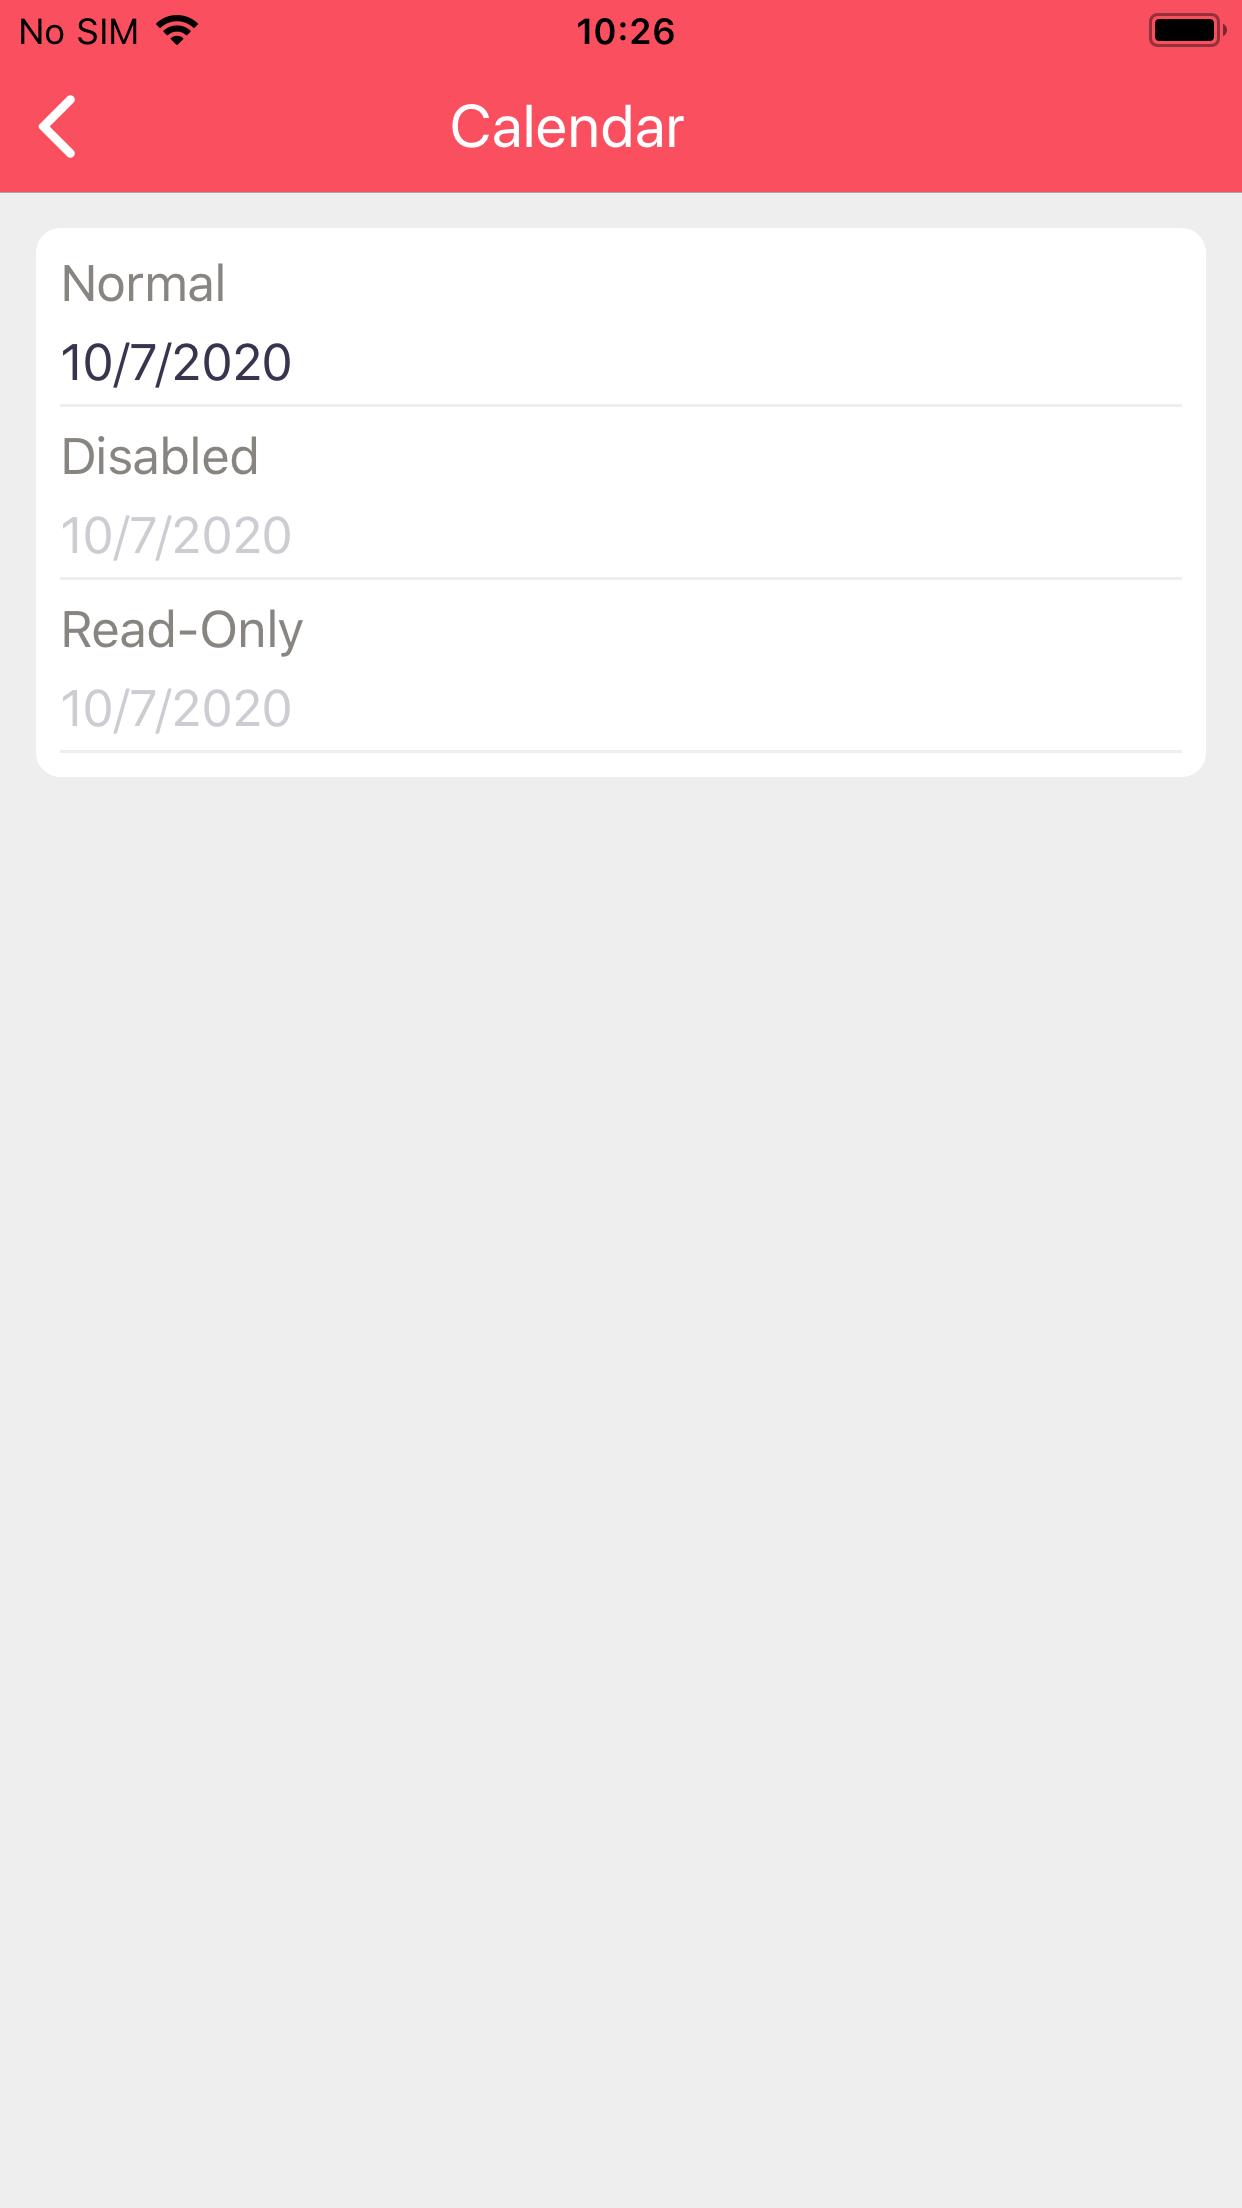 Calendar on iOS